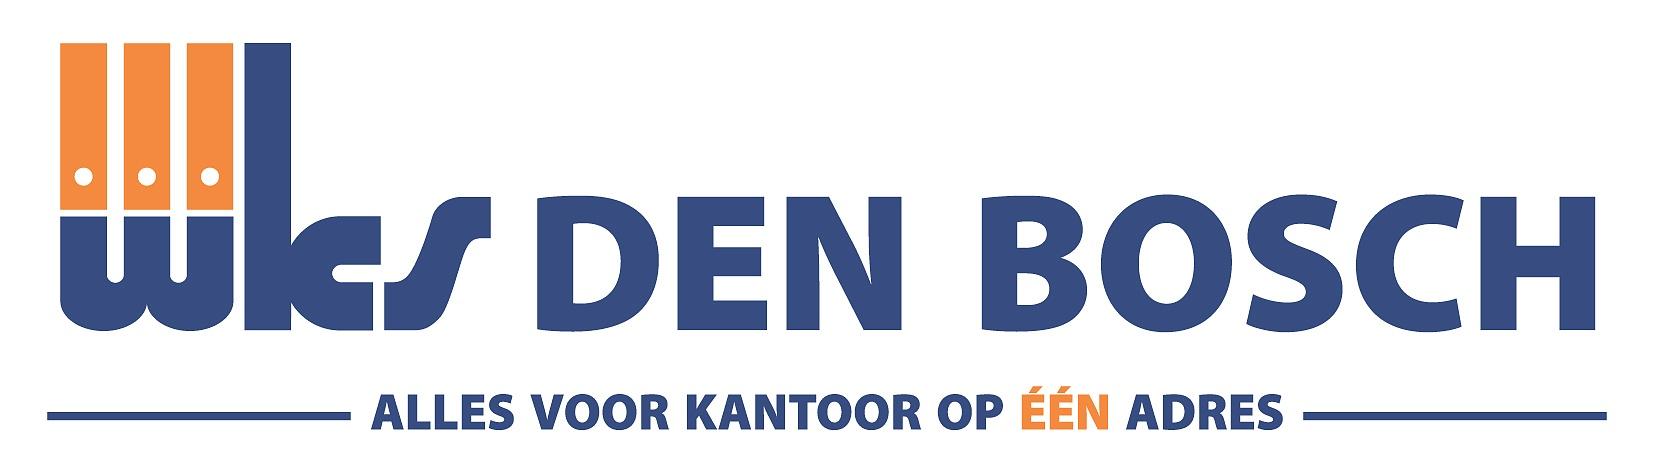 Huislijn Kantoormeubelen Den Bosch